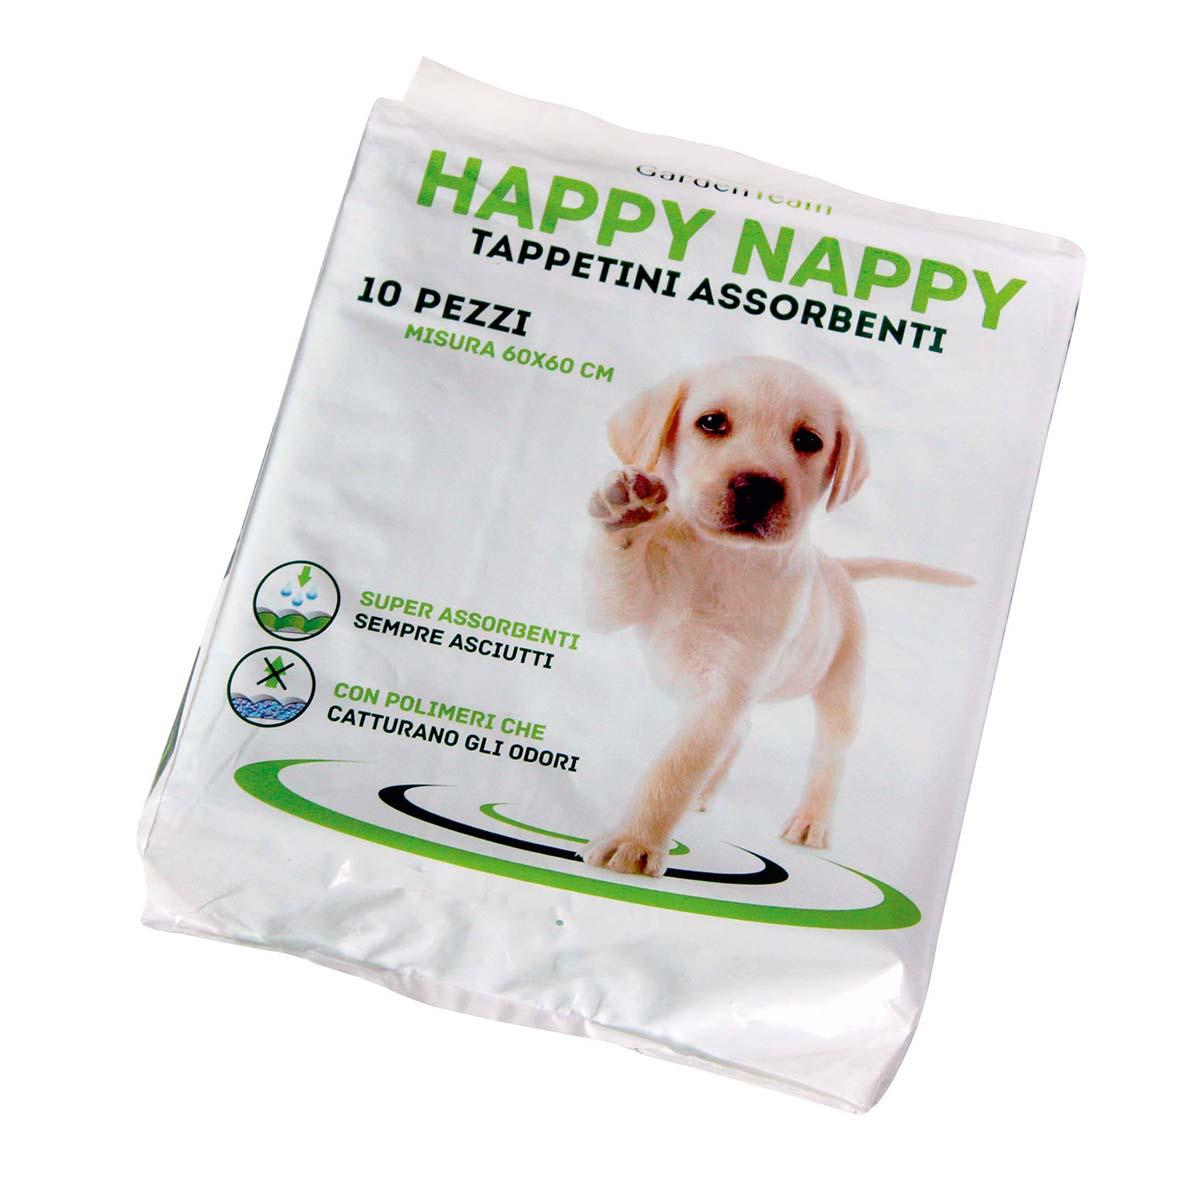 Tappetini igienici Happy Nappy